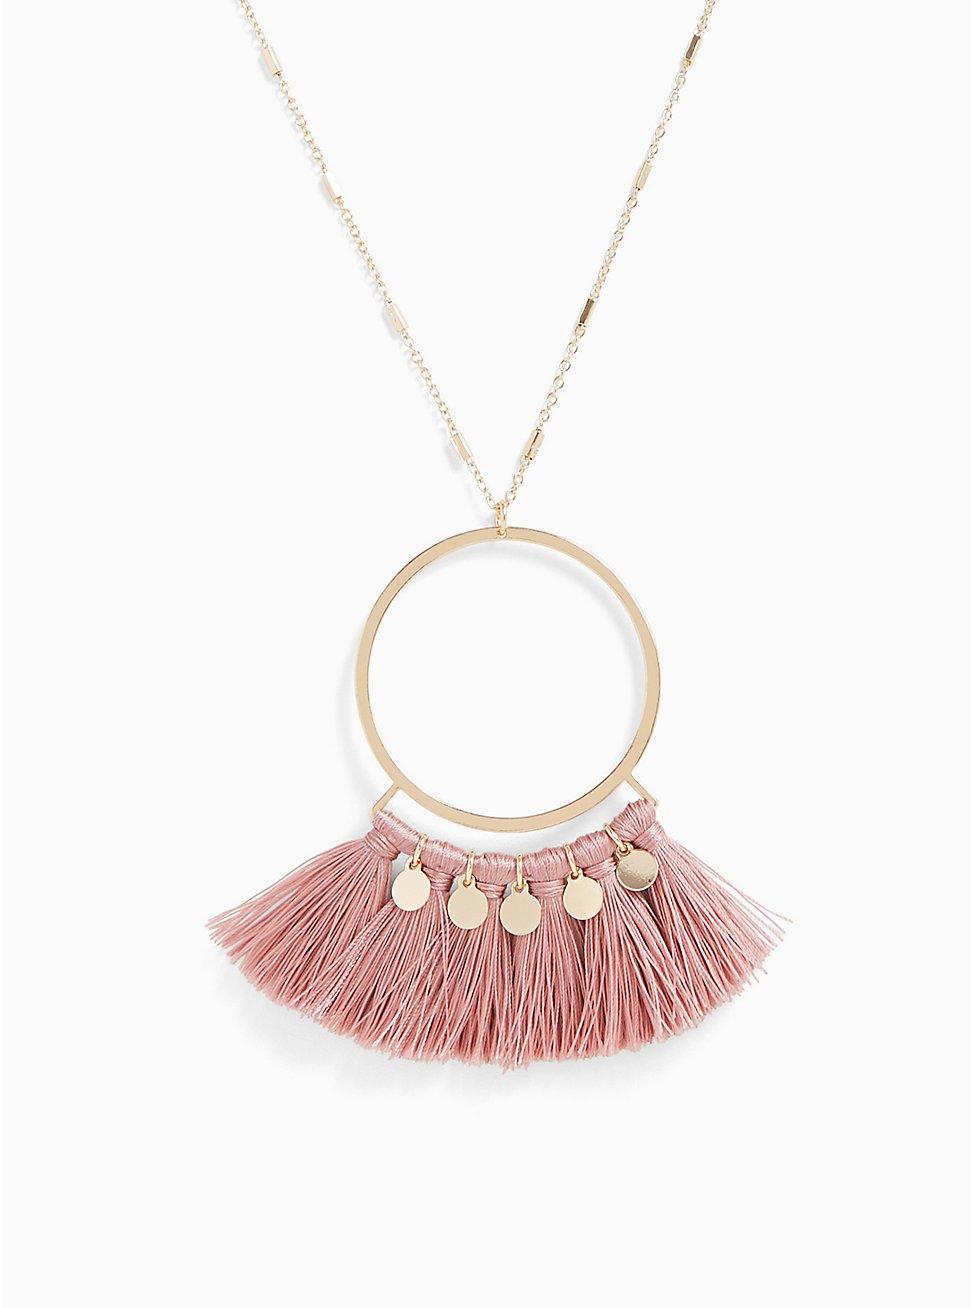 Gold-Tone & Rose Pink Fringe Pendant Necklace, , hi-res